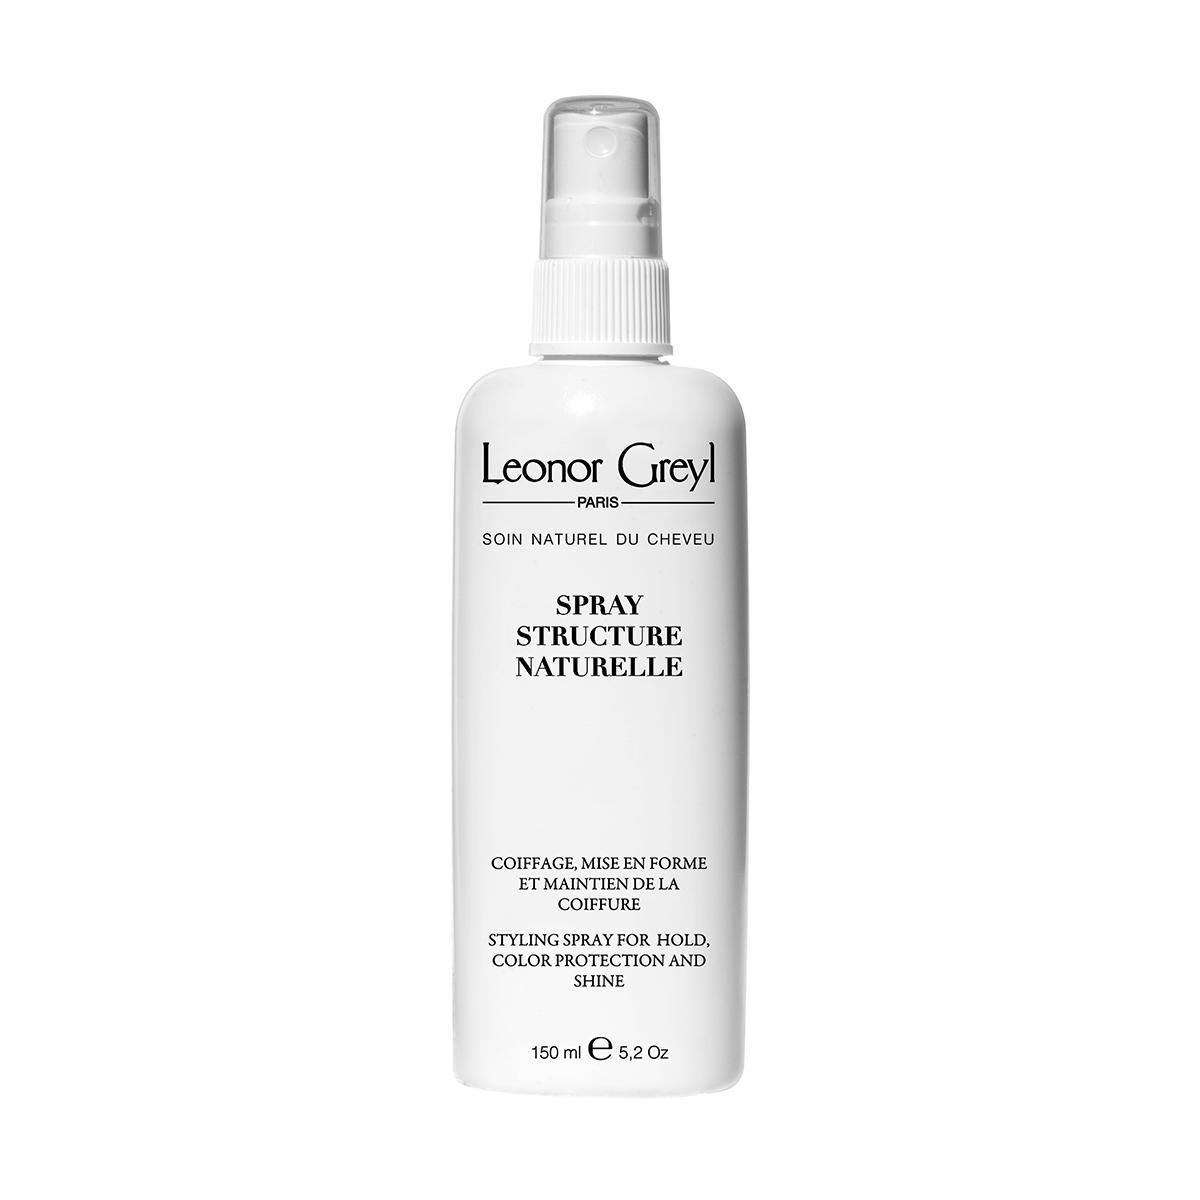 Keo xịt tóc giữ cứng kiểu tóc dạng nước Leonor Greyl - Styling Spray Structure Naturelle 150ml